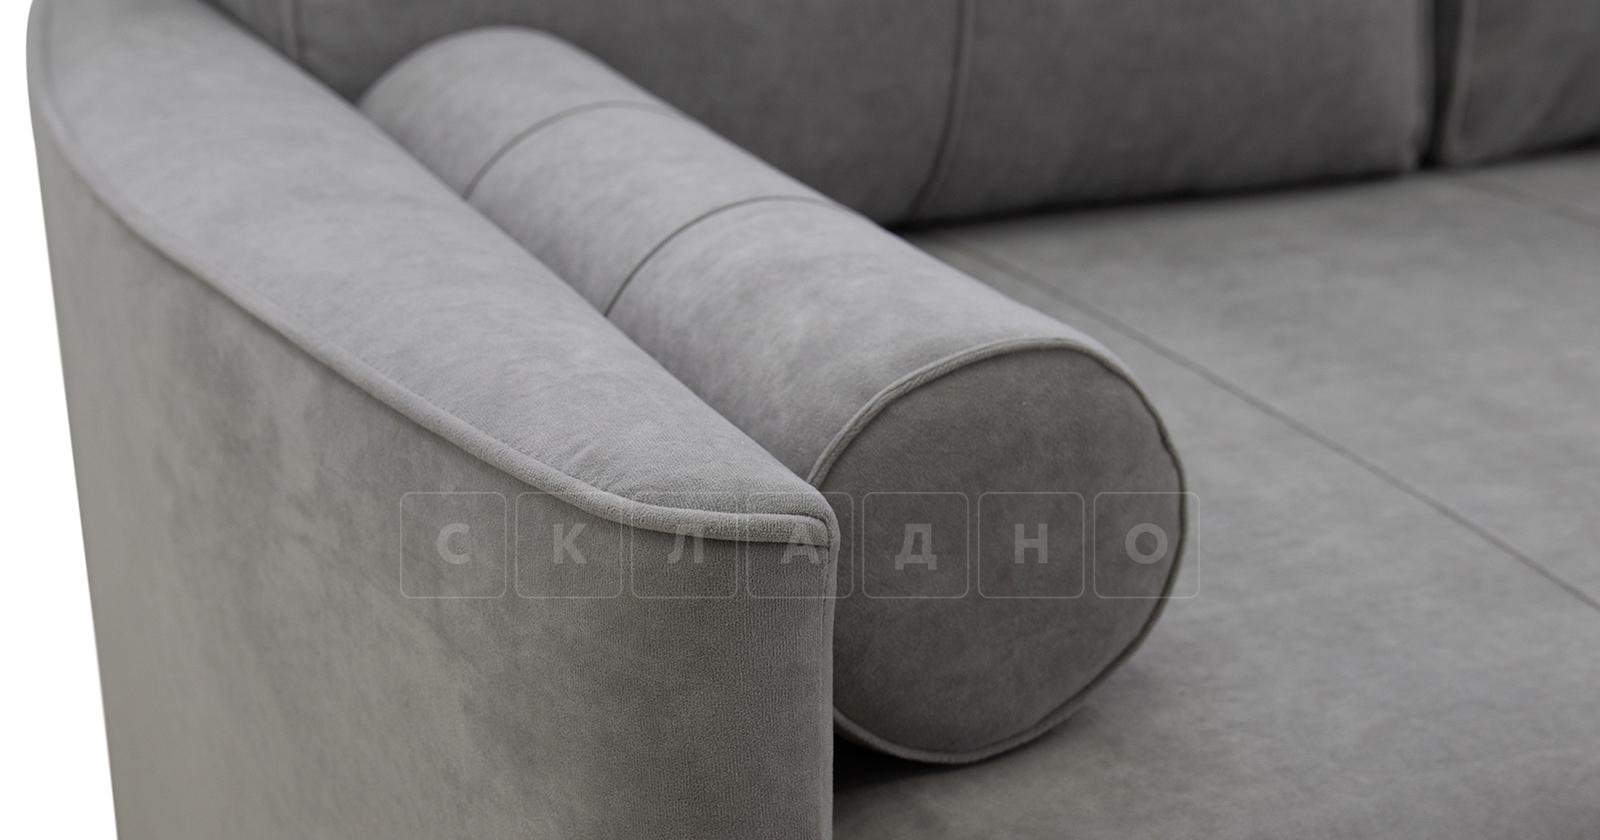 Угловой диван Лорен серебристый серый фото 11 | интернет-магазин Складно